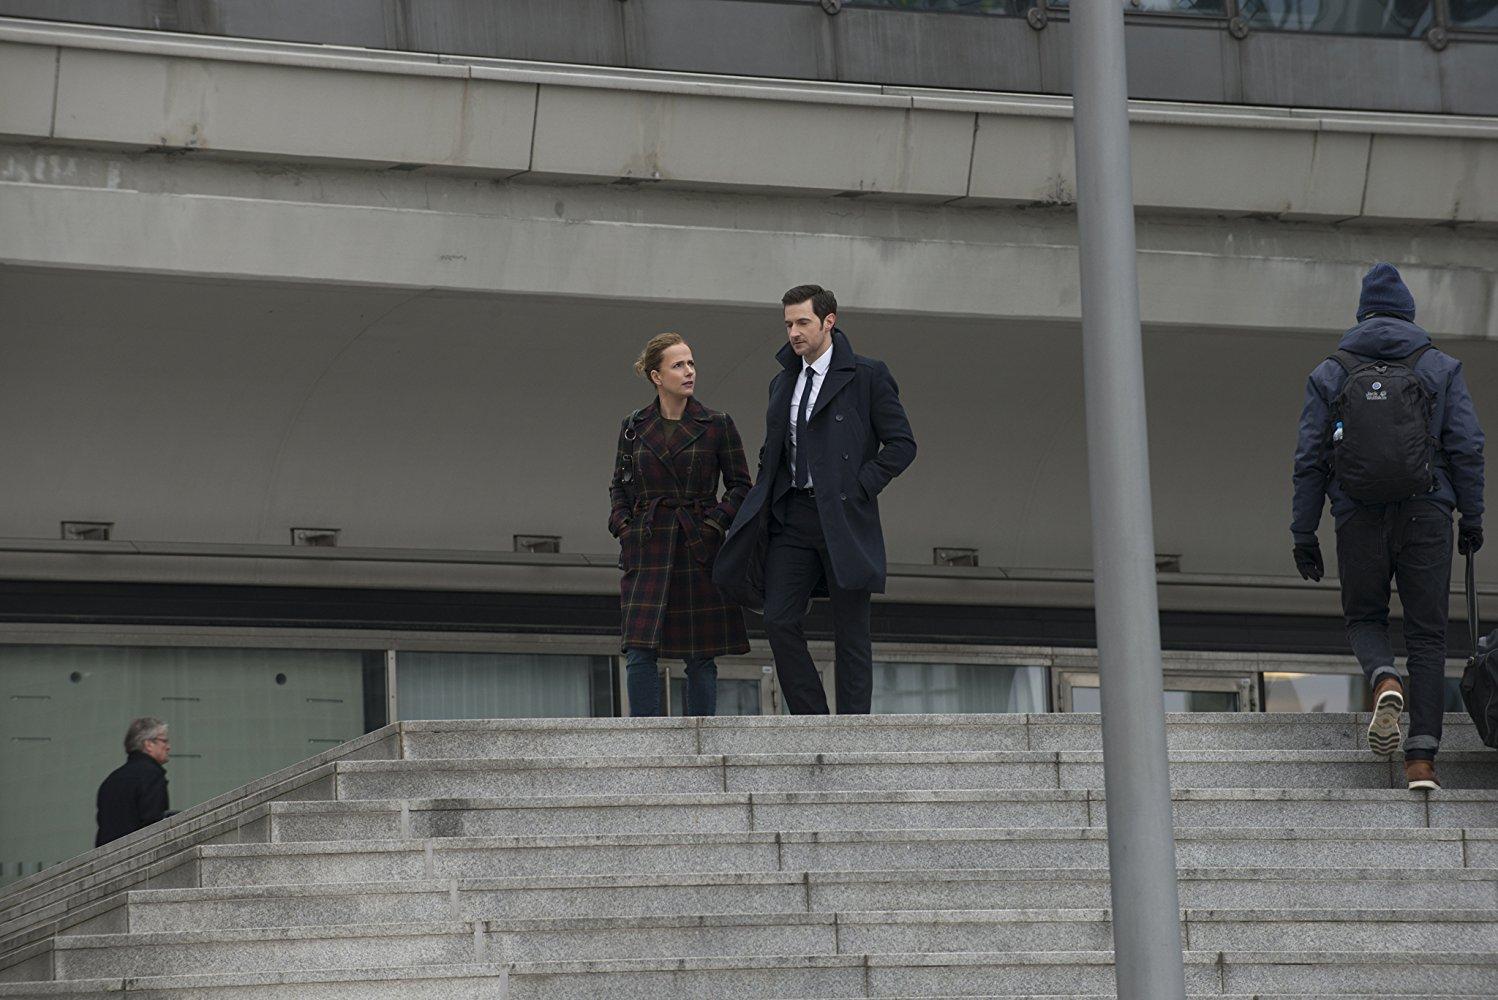 La serie se filmó íntegramente en la ciudad de Berlín (Alemania)